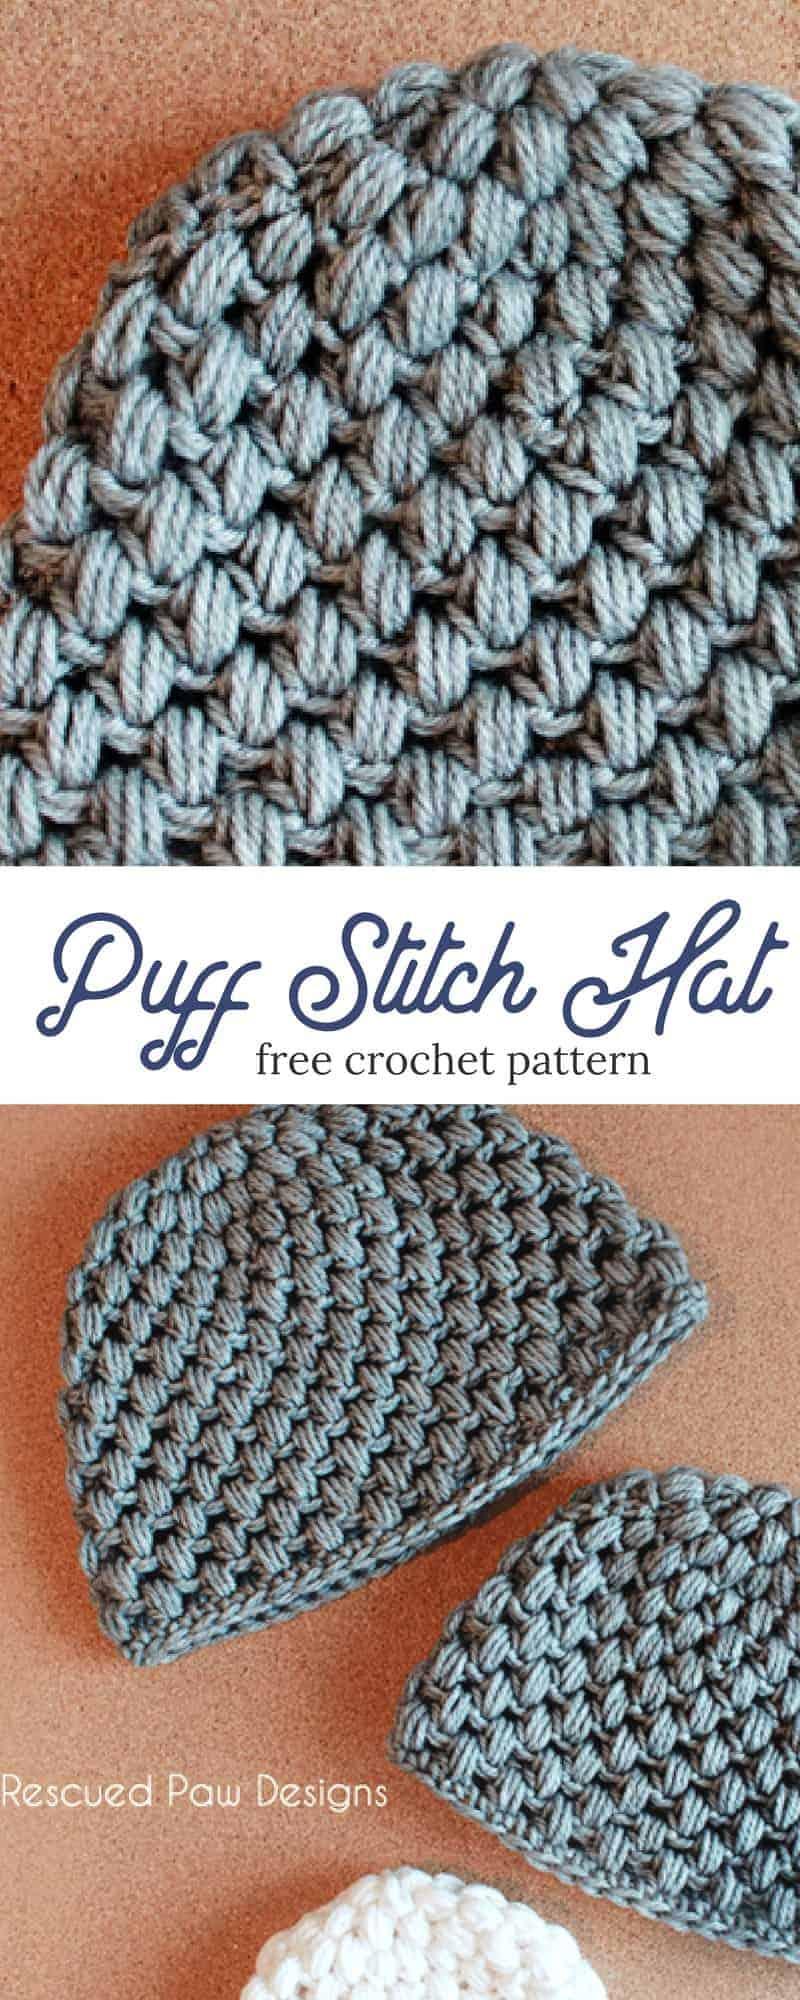 Puff Stitch Crochet Hat Pattern Free Crochet Pattern